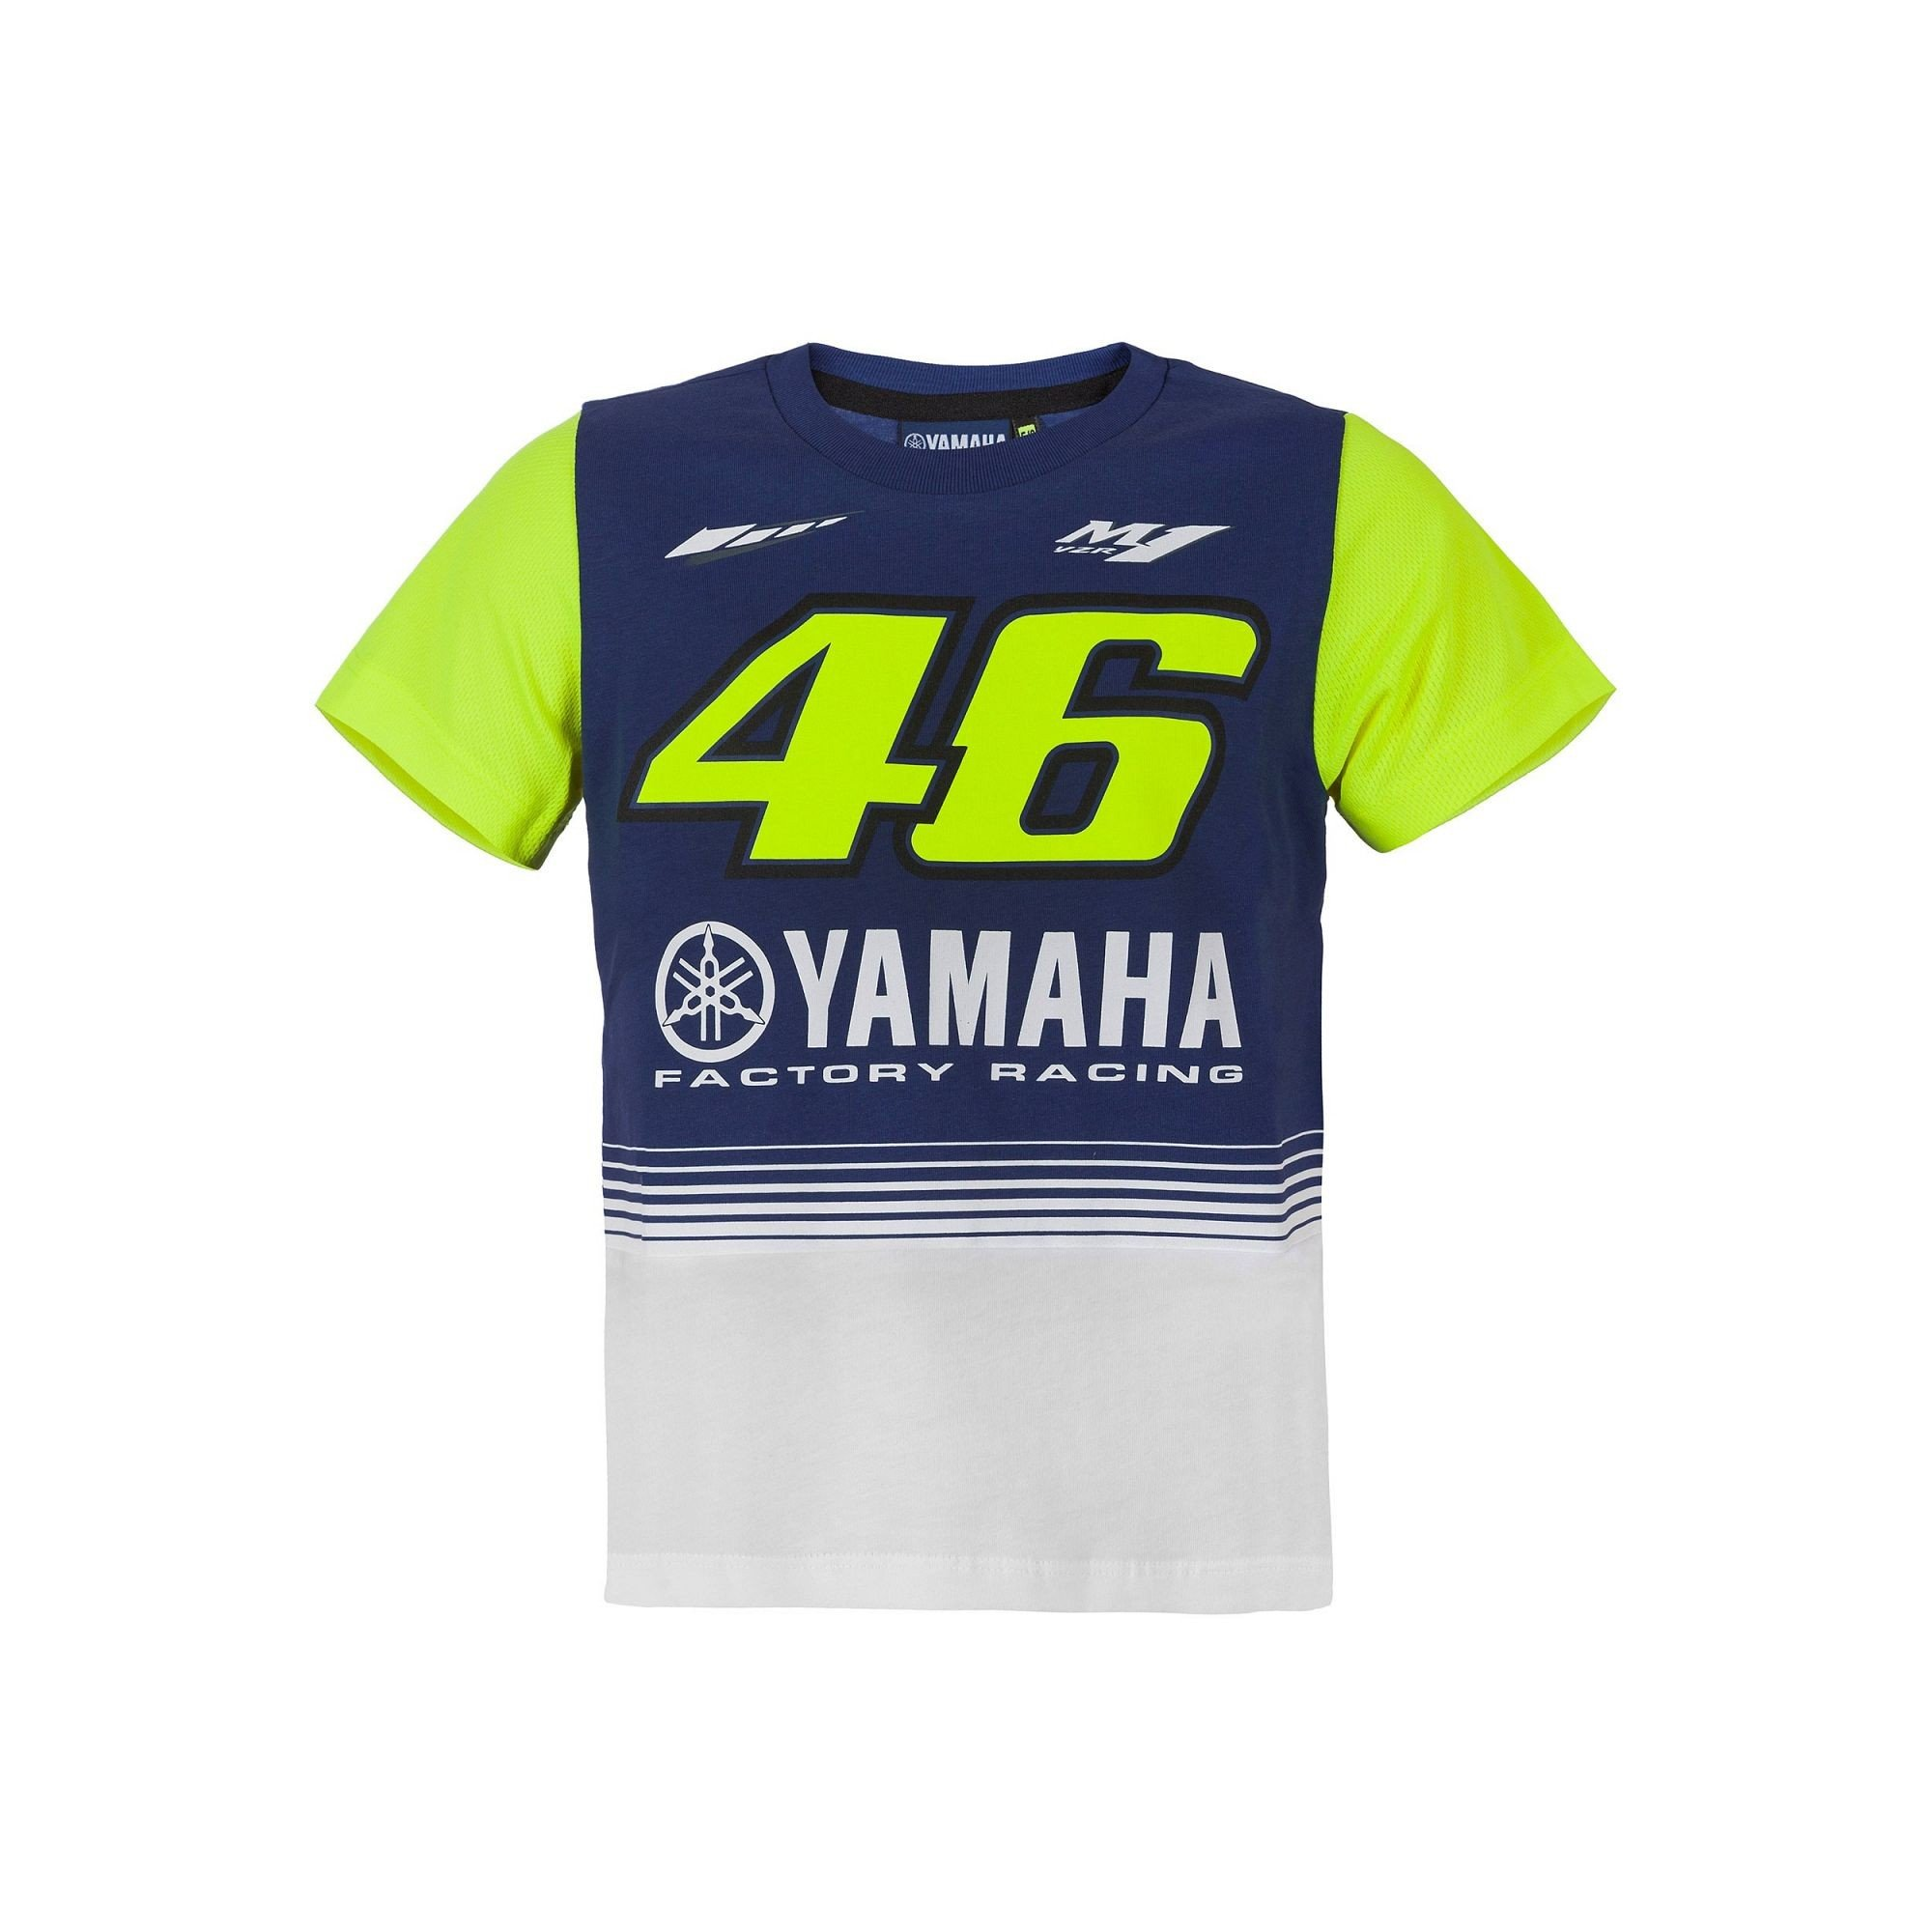 Vr46 Dětské triko Yamaha 1-2 roky